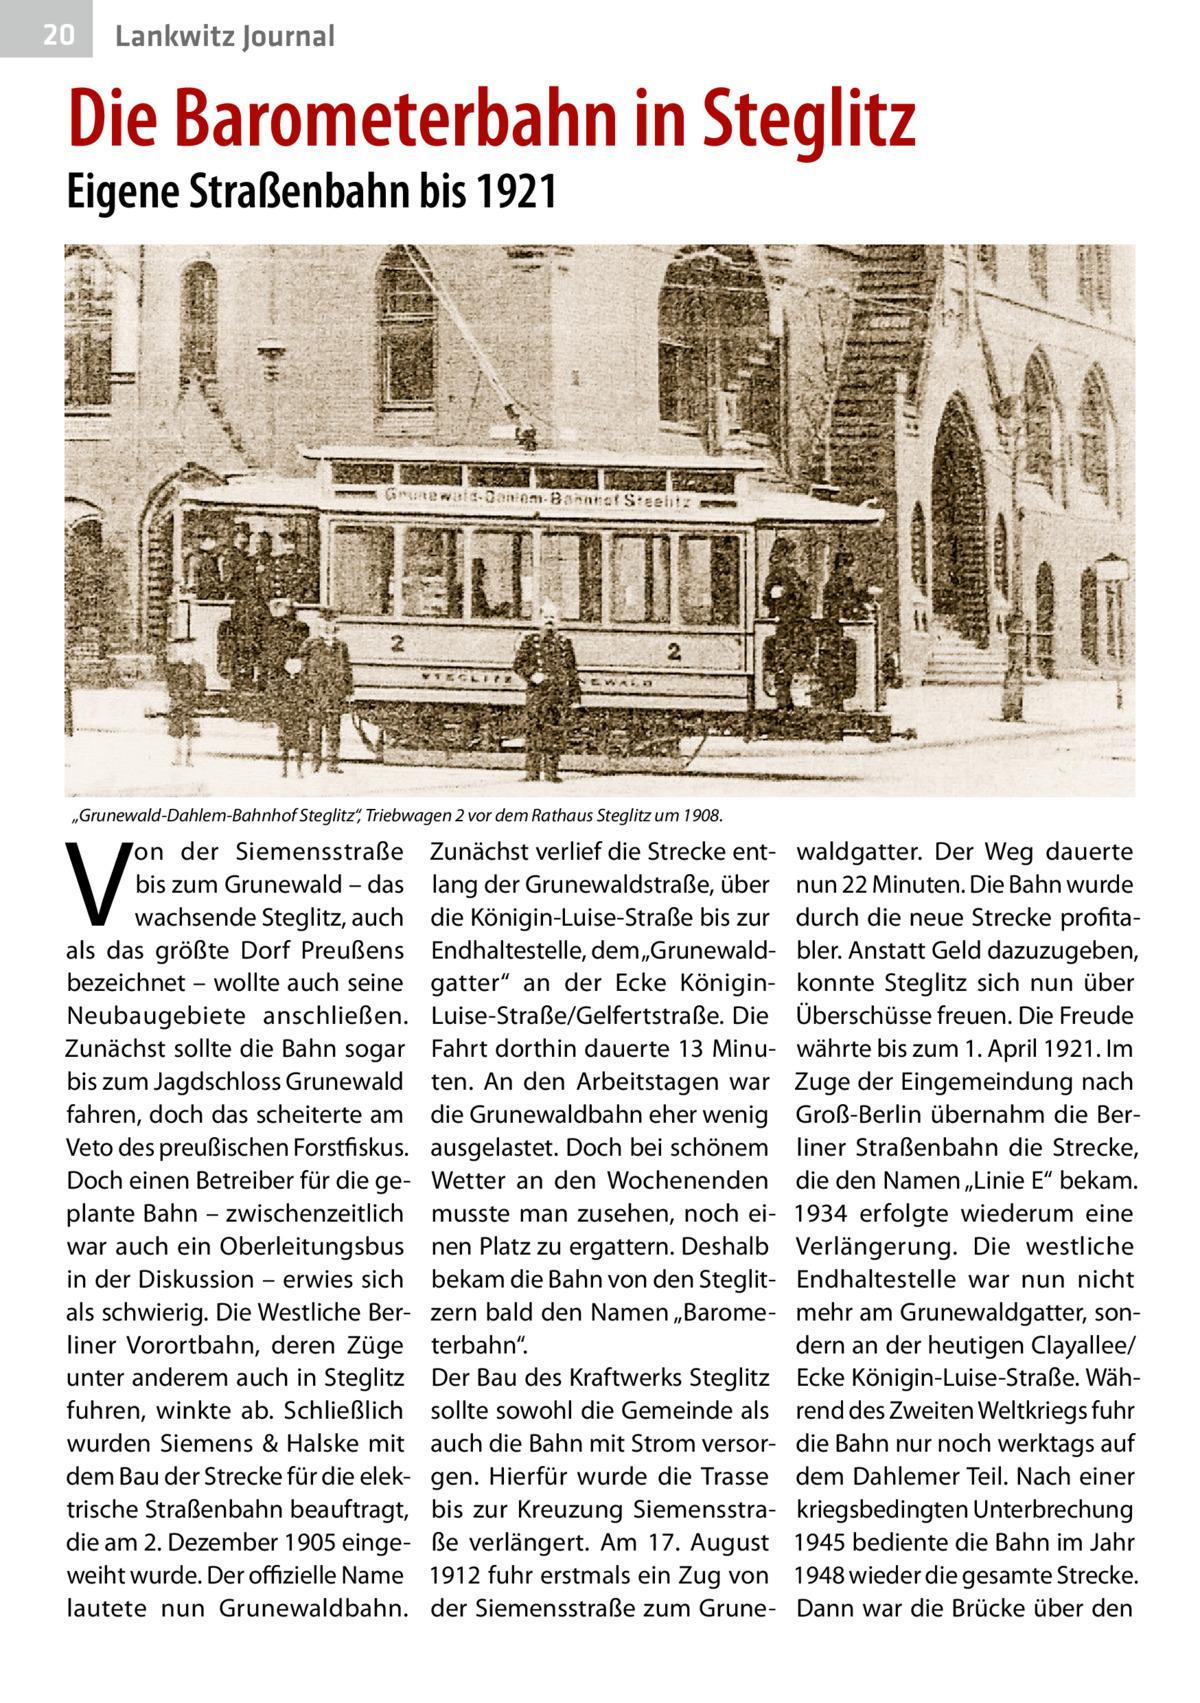 """20  Lankwitz Journal  Die Barometerbahn in Steglitz  Eigene Straßenbahn bis 1921  """"Grunewald-Dahlem-Bahnhof Steglitz"""", Triebwagen 2 vor dem Rathaus Steglitz um 1908.  V  on der Siemensstraße bis zum Grunewald – das wachsende Steglitz, auch als das größte Dorf Preußens bezeichnet – wollte auch seine Neubaugebiete anschließen. Zunächst sollte die Bahn sogar bis zum Jagdschloss Grunewald fahren, doch das scheiterte am Veto des preußischen Forstfiskus. Doch einen Betreiber für die geplante Bahn – zwischenzeitlich war auch ein Oberleitungsbus in der Diskussion – erwies sich als schwierig. Die Westliche Berliner Vorortbahn, deren Züge unter anderem auch in Steglitz fuhren, winkte ab. Schließlich wurden Siemens & Halske mit dem Bau der Strecke für die elektrische Straßenbahn beauftragt, die am 2.Dezember 1905 eingeweiht wurde. Der offizielle Name lautete nun Grunewaldbahn.  Zunächst verlief die Strecke entlang der Grunewaldstraße, über die Königin-Luise-Straße bis zur Endhaltestelle, dem """"Grunewaldgatter"""" an der Ecke KöniginLuise-Straße/Gelfertstraße. Die Fahrt dorthin dauerte 13Minuten. An den Arbeitstagen war die Grunewaldbahn eher wenig ausgelastet. Doch bei schönem Wetter an den Wochenenden musste man zusehen, noch einen Platz zu ergattern. Deshalb bekam die Bahn von den Steglitzern bald den Namen """"Barometerbahn"""". Der Bau des Kraftwerks Steglitz sollte sowohl die Gemeinde als auch die Bahn mit Strom versorgen. Hierfür wurde die Trasse bis zur Kreuzung Siemensstraße verlängert. Am 17. August 1912 fuhr erstmals ein Zug von der Siemensstraße zum Grune waldgatter. Der Weg dauerte nun 22Minuten. Die Bahn wurde durch die neue Strecke profitabler. Anstatt Geld dazuzugeben, konnte Steglitz sich nun über Überschüsse freuen. Die Freude währte bis zum 1.April 1921. Im Zuge der Eingemeindung nach Groß-Berlin übernahm die Berliner Straßenbahn die Strecke, die den Namen """"Linie E"""" bekam. 1934 erfolgte wiederum eine Verlängerung. Die westliche Endhaltestelle war nun nicht mehr am Grun"""